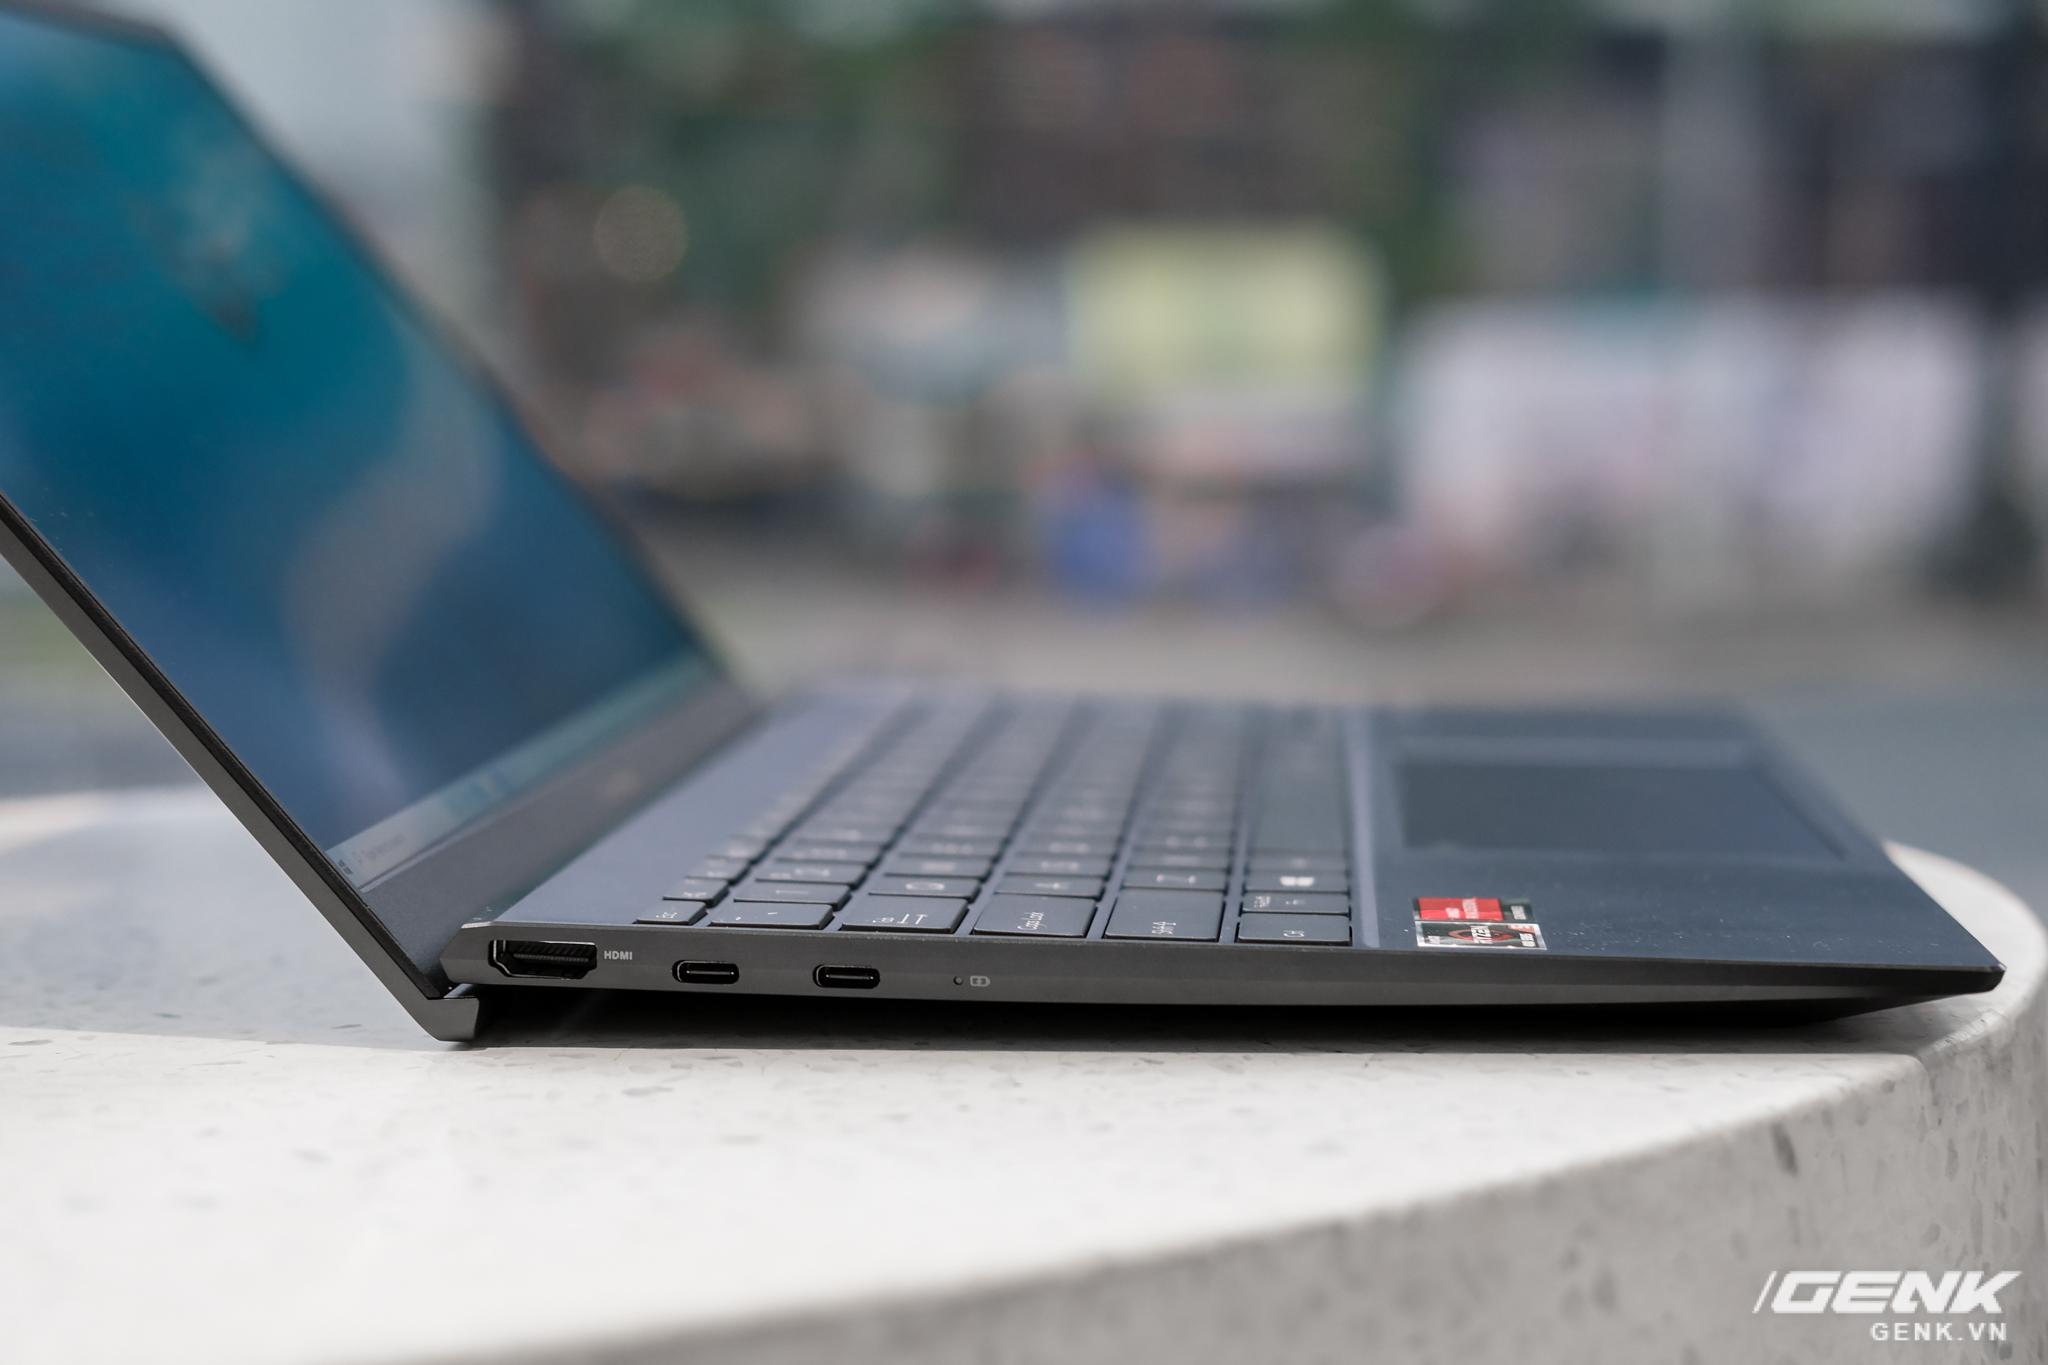 Cận cảnh và trải nghiệm chiếc laptop 14 inch chạy Ryzen Mobile 4000 Series mỏng nhất thế giới đến từ đội ASUS - Ảnh 16.